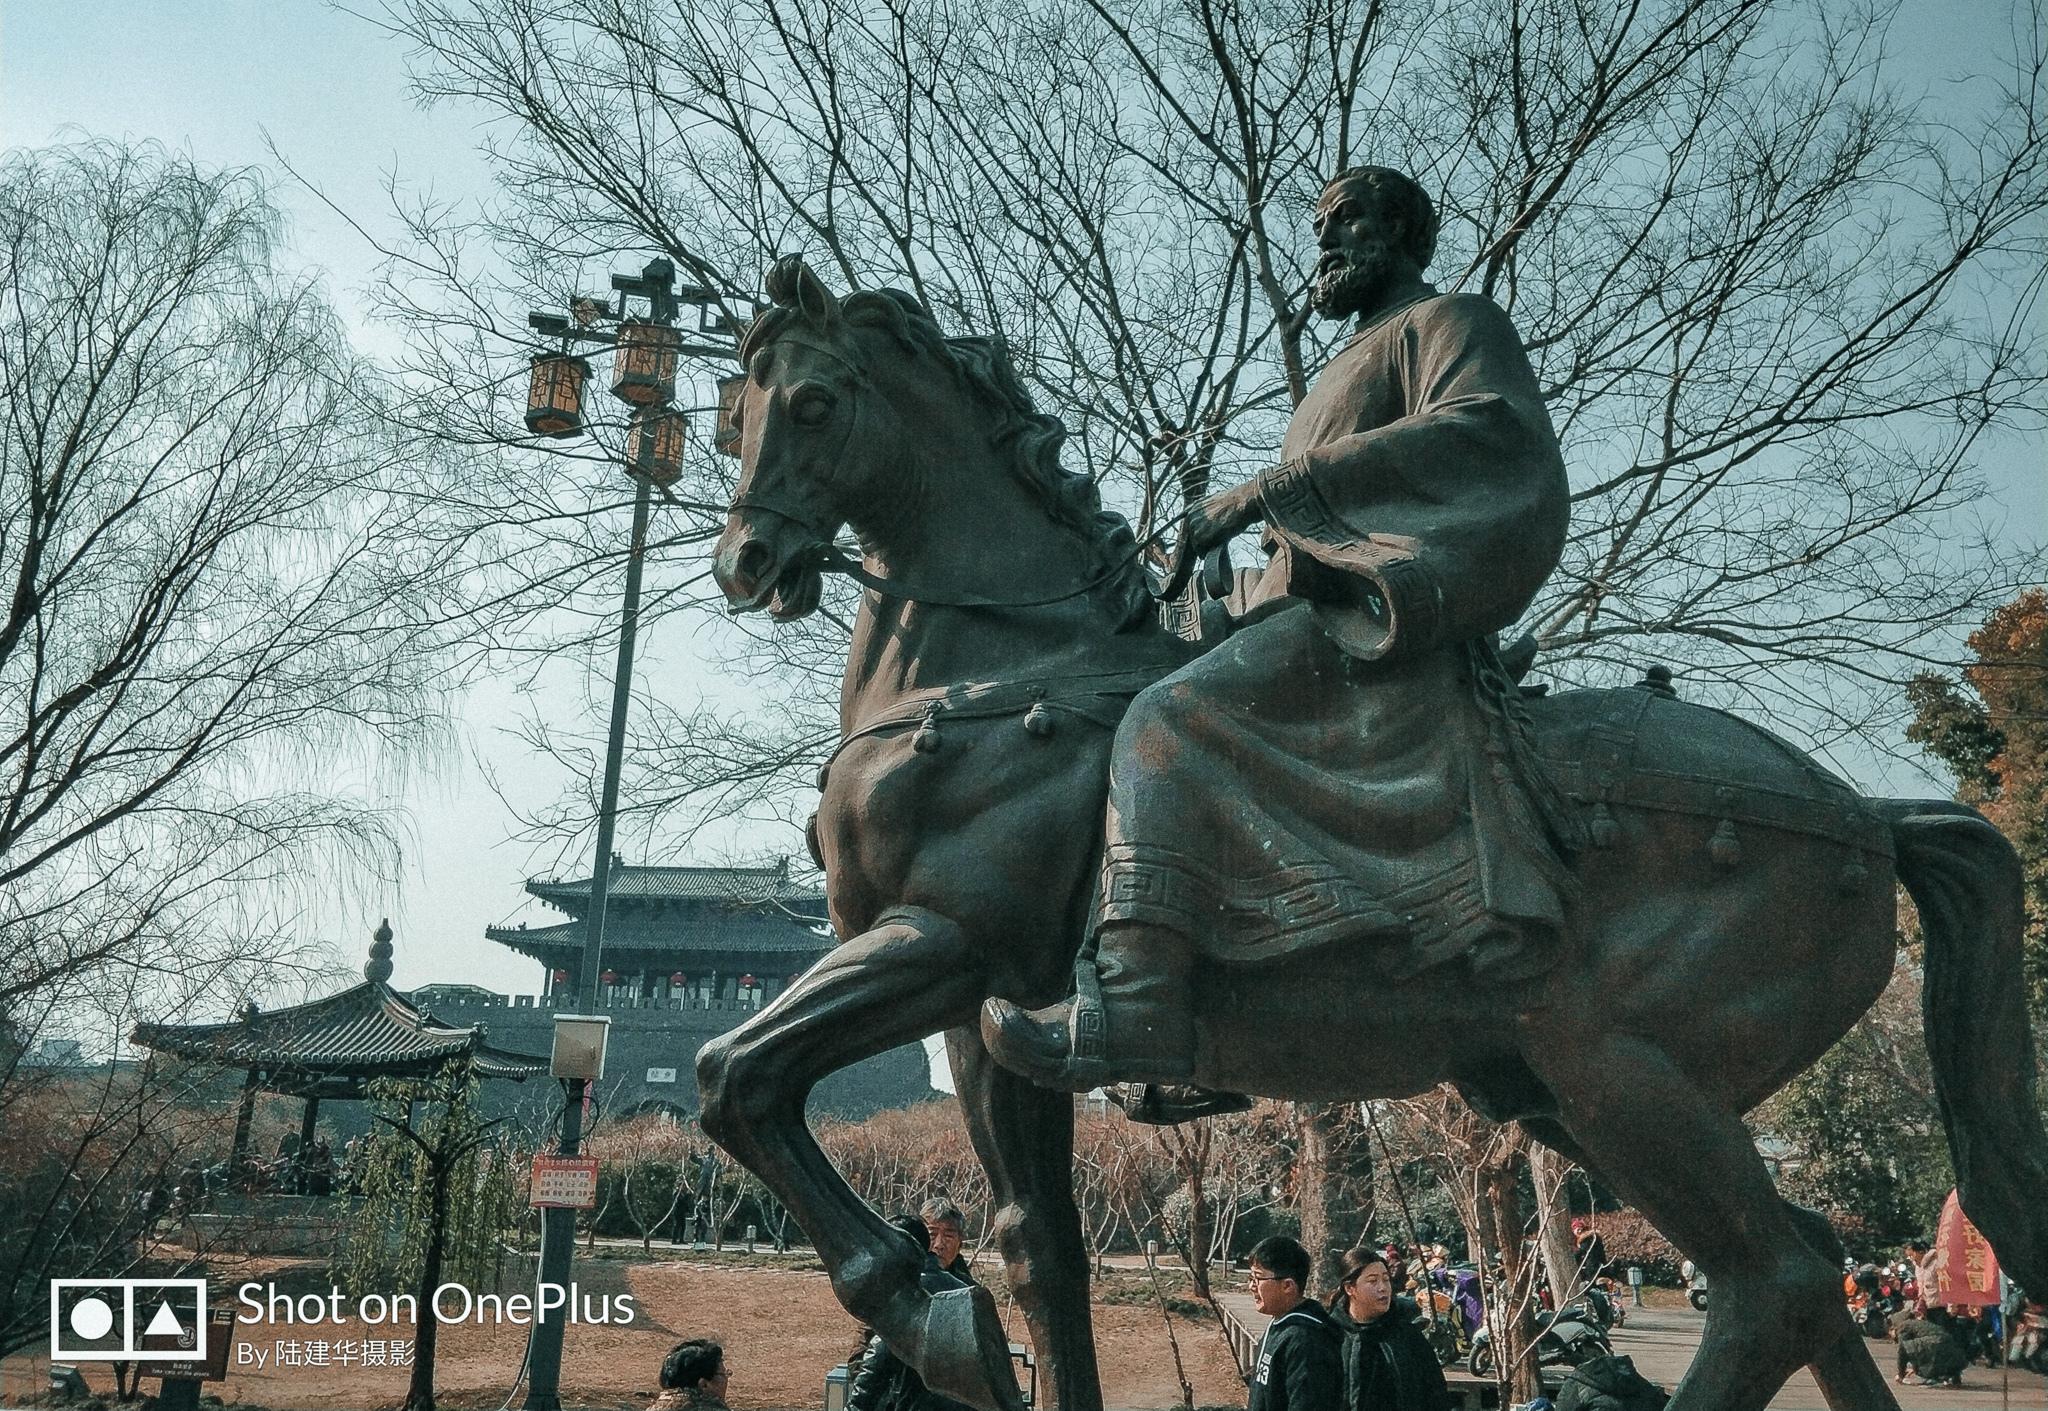 扬州东关街美食节_有关苏州的诗句_关于春节的诗句_关于画的诗句_相思的诗句